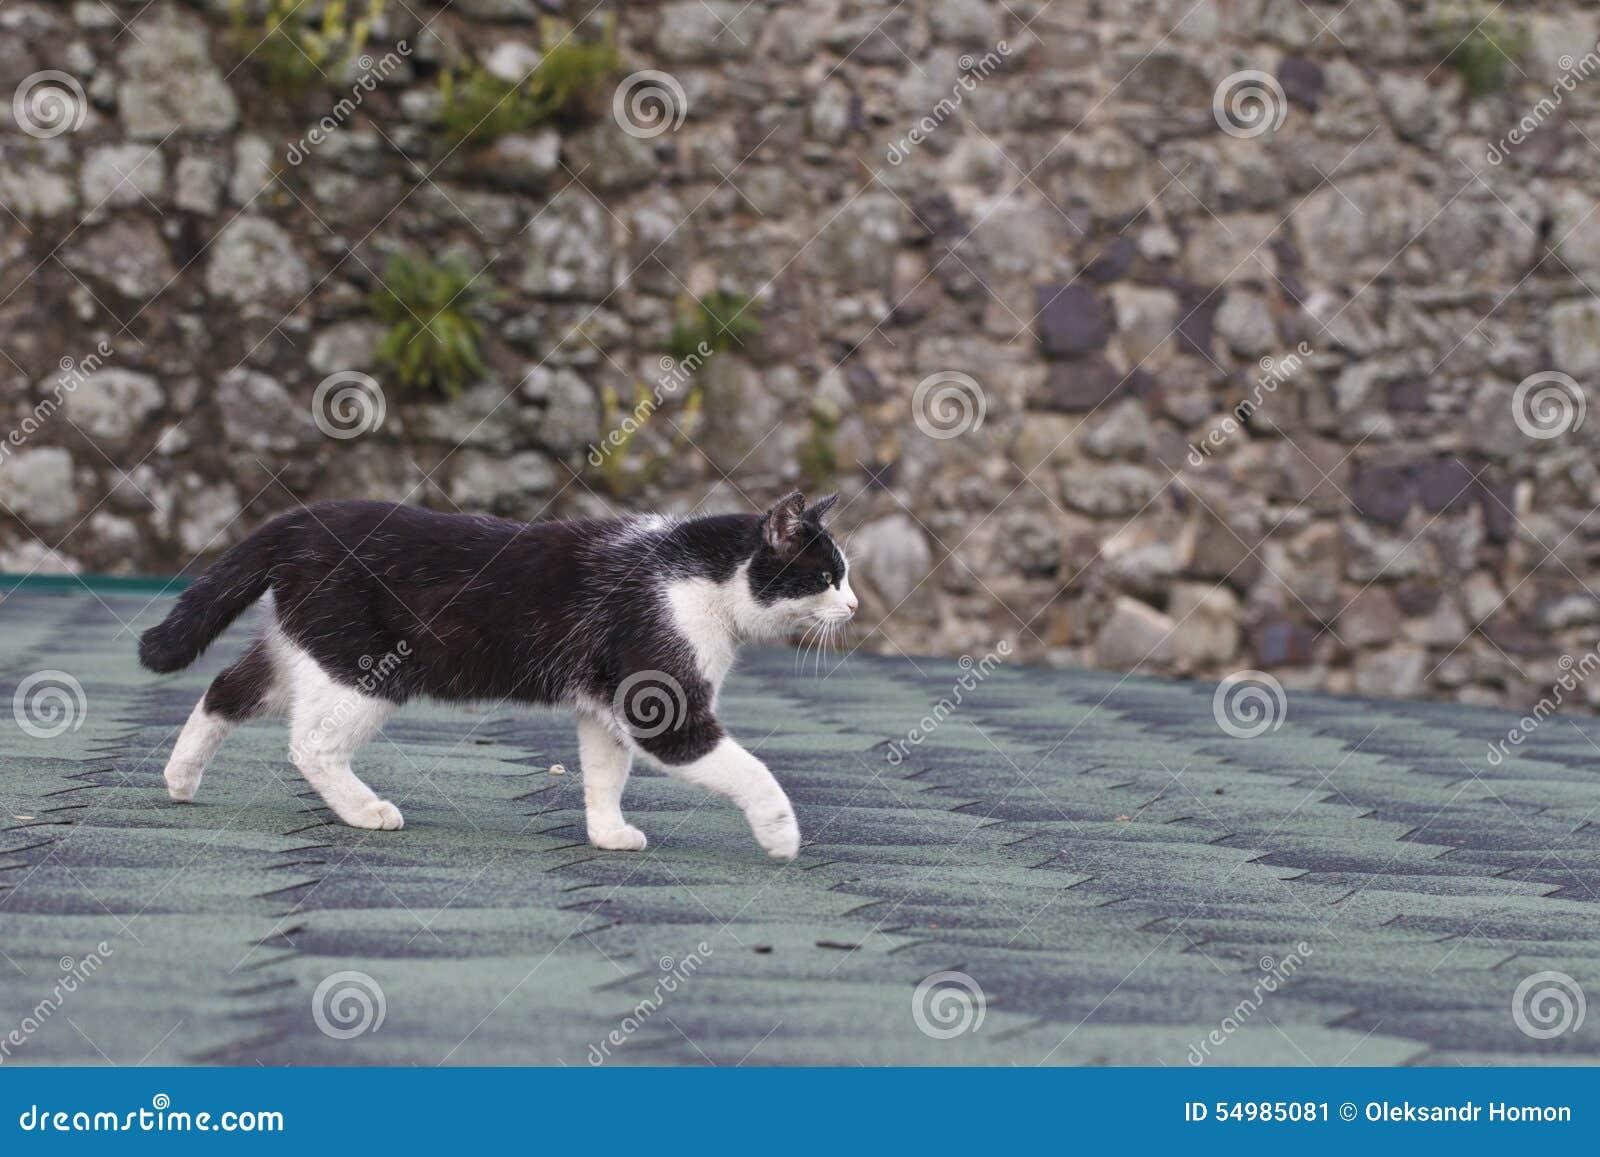 Черно-белый кот на крыше